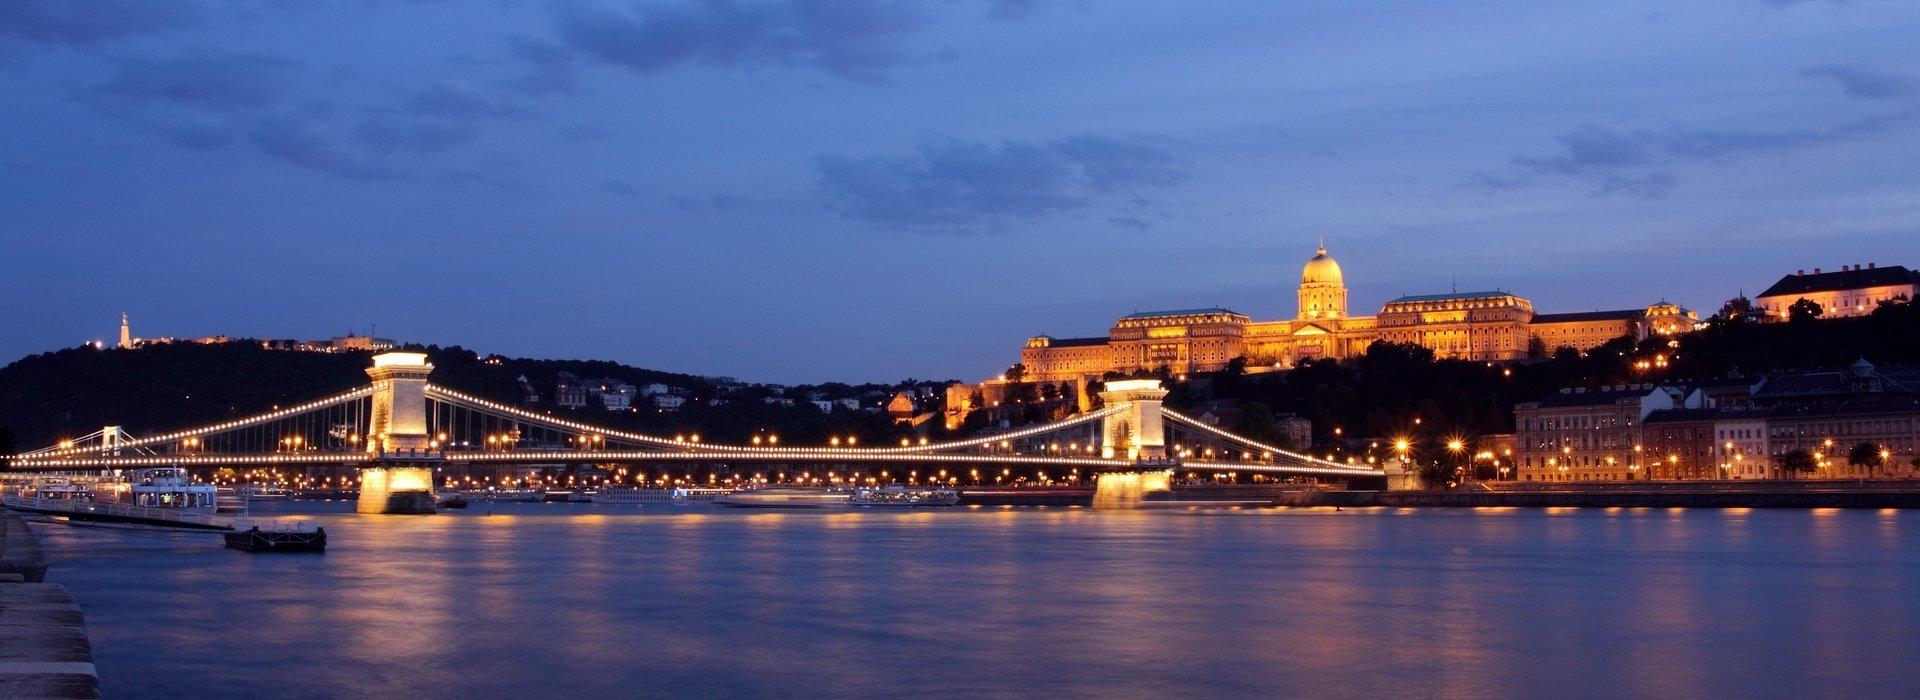 Budai Dunapart Látnivalók – Budapest Nevezetességei